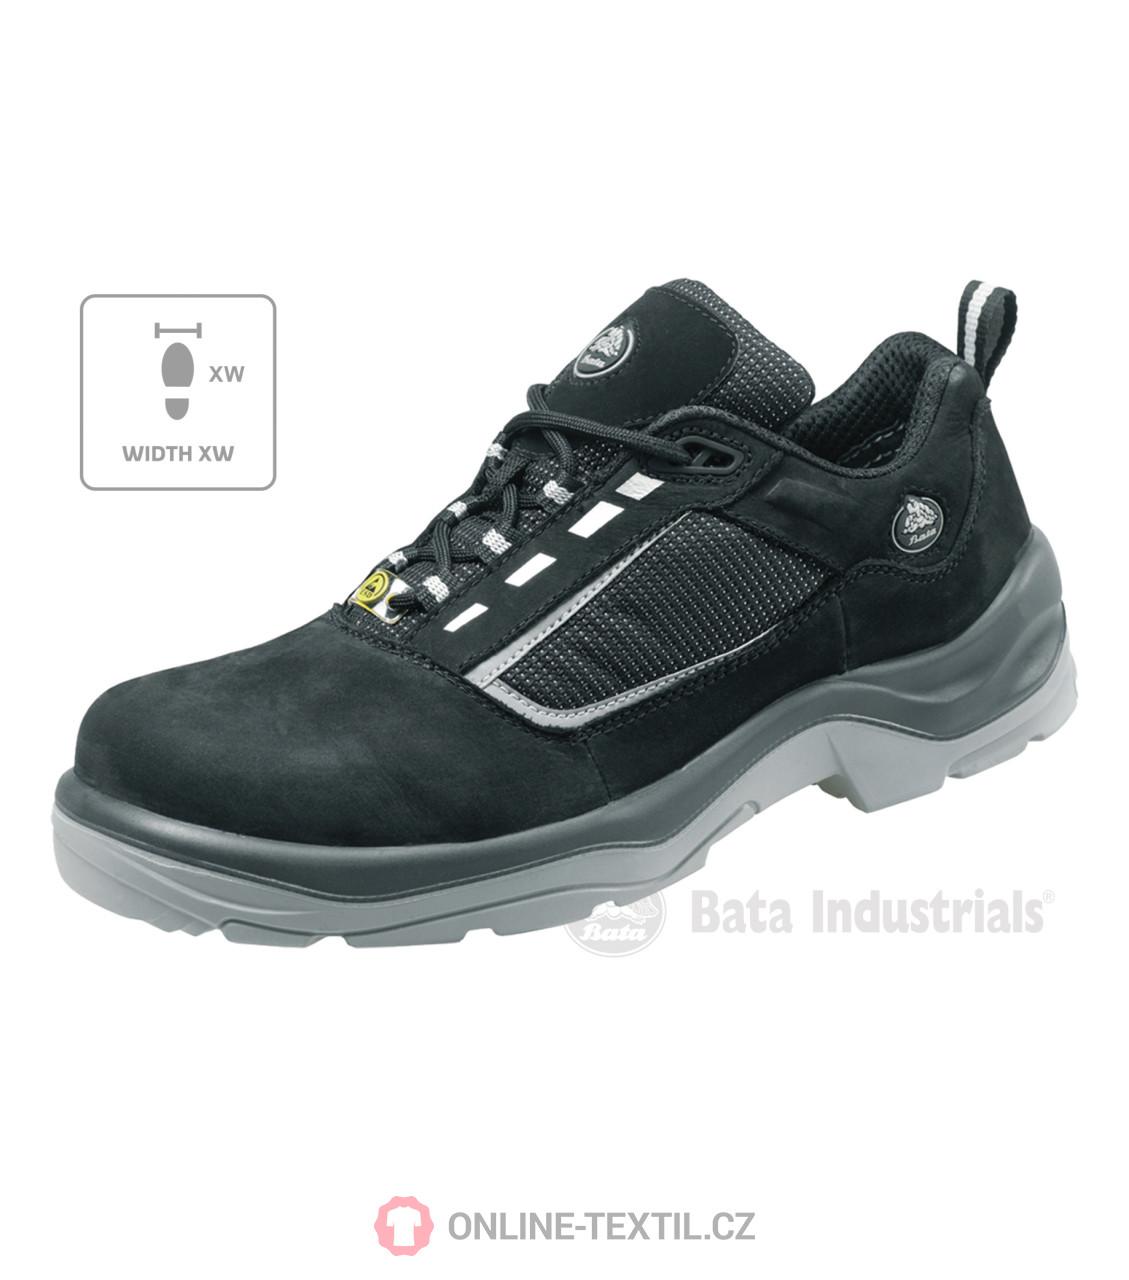 Bata Industrials Safety footwear S2